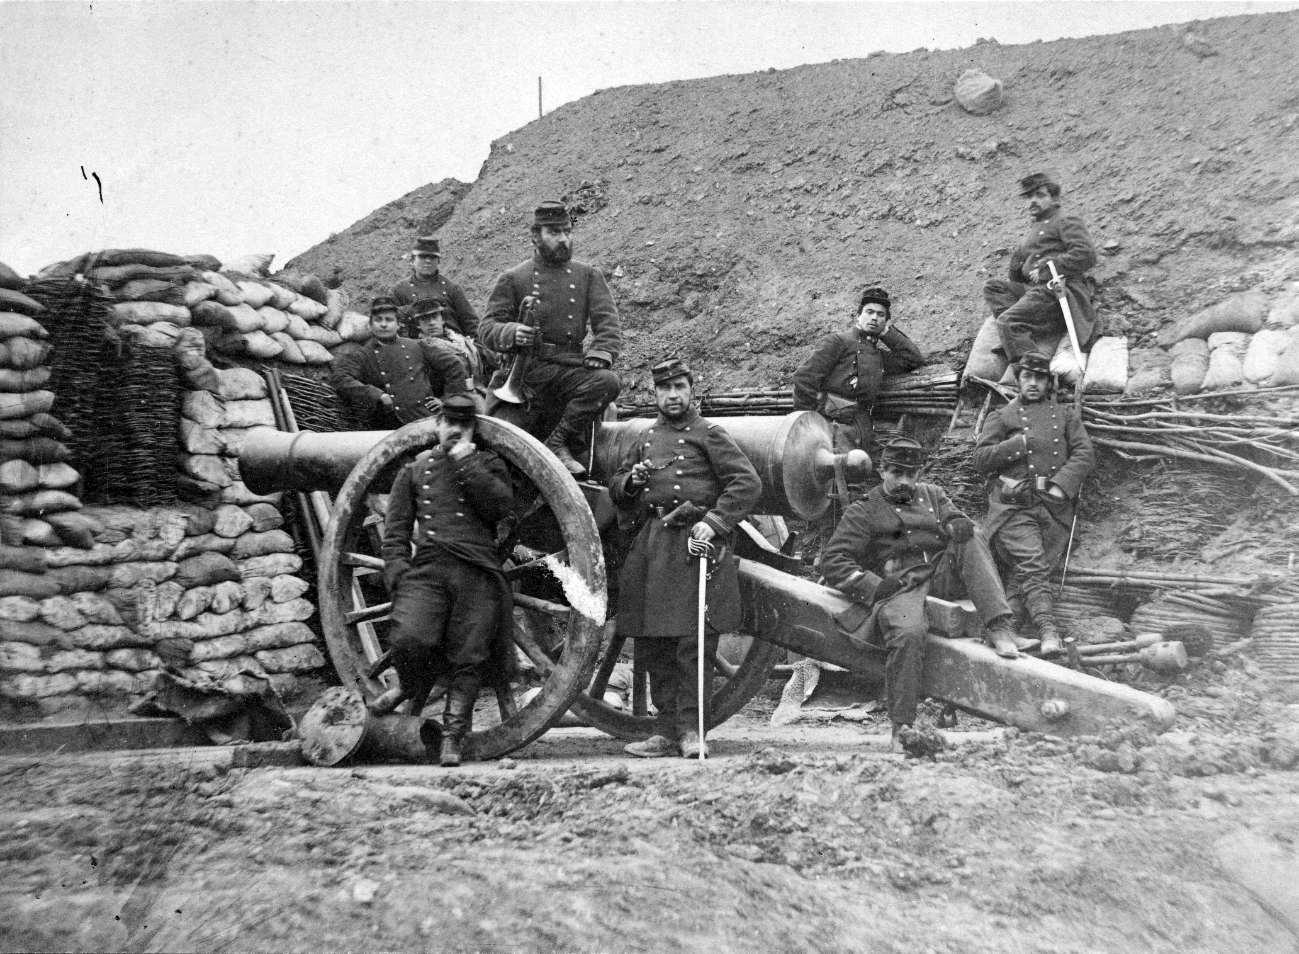 Soldats français pendant la guerre de 1870